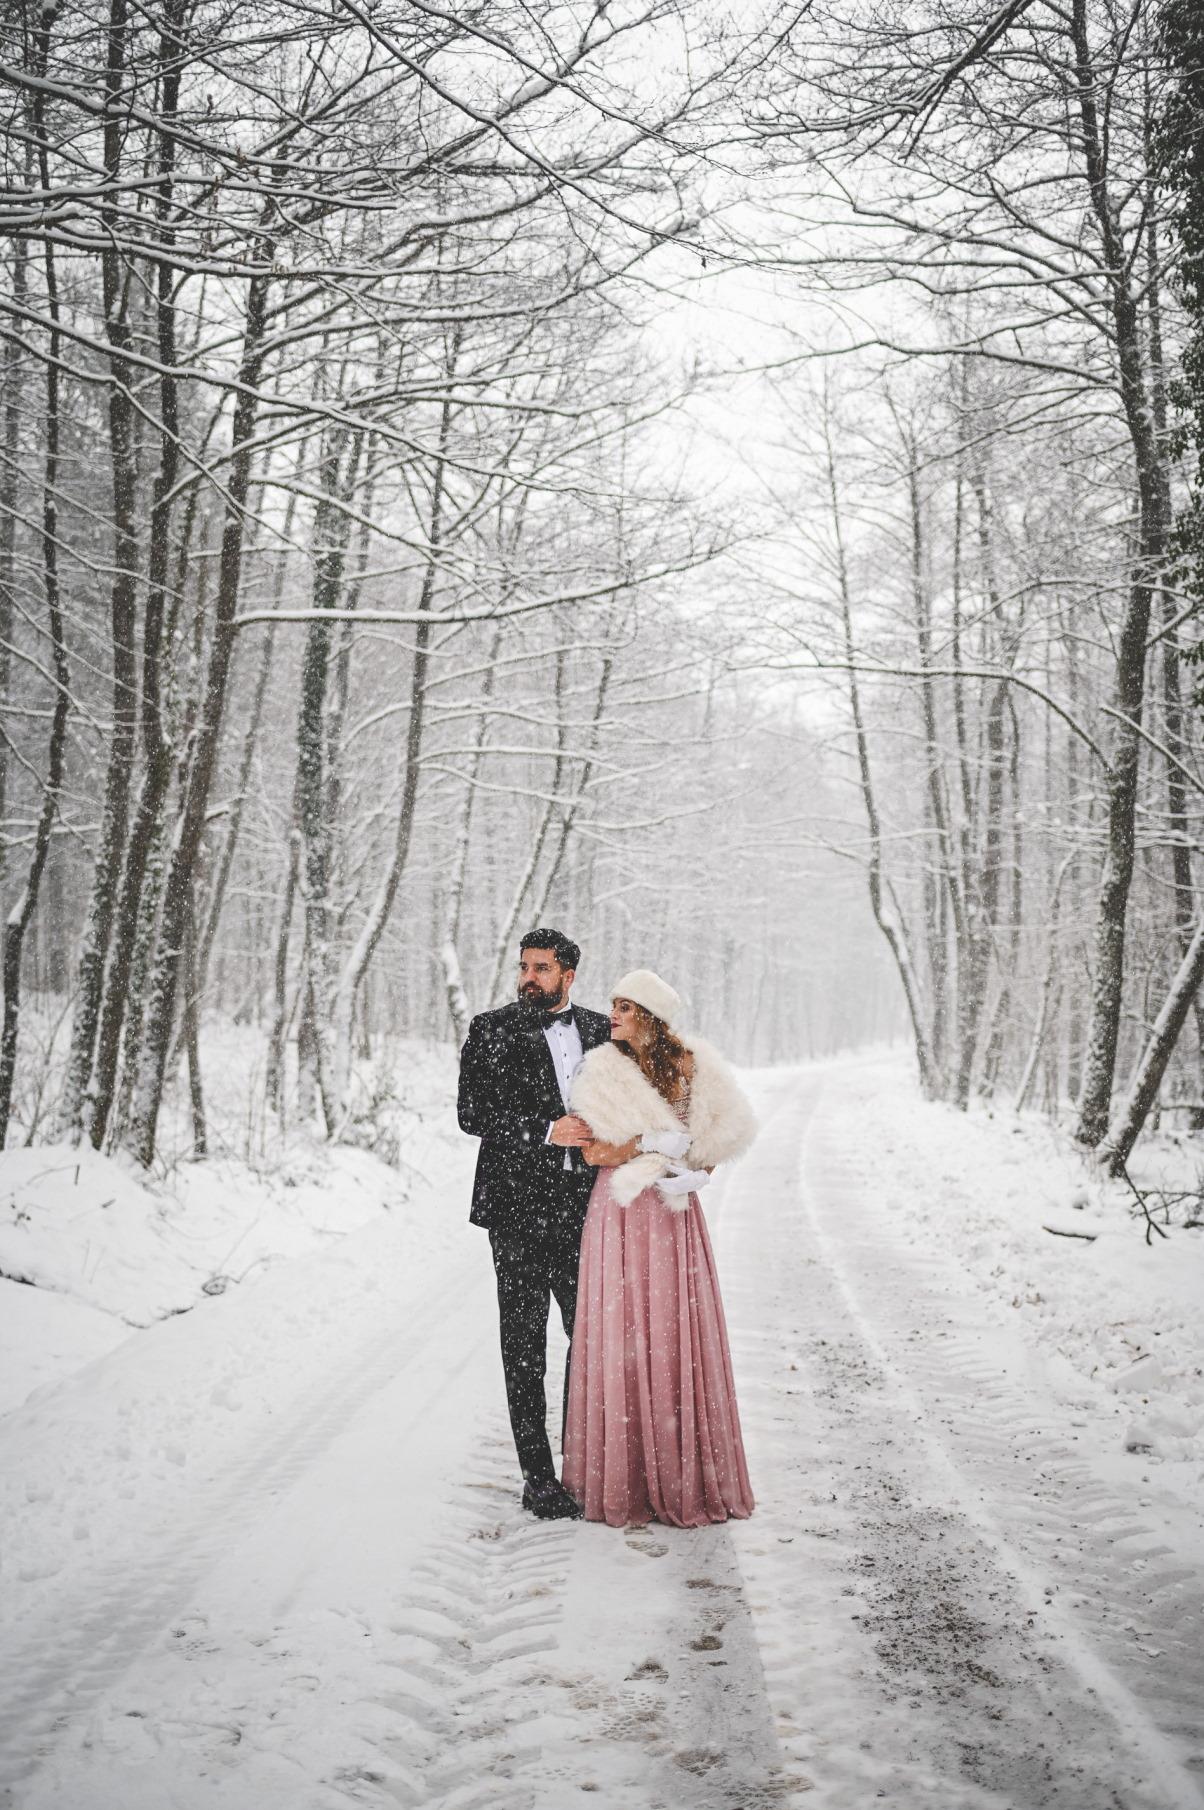 Fidelio Tailored Clothing nas uvodi u bajkovitu snježnu kampanju!